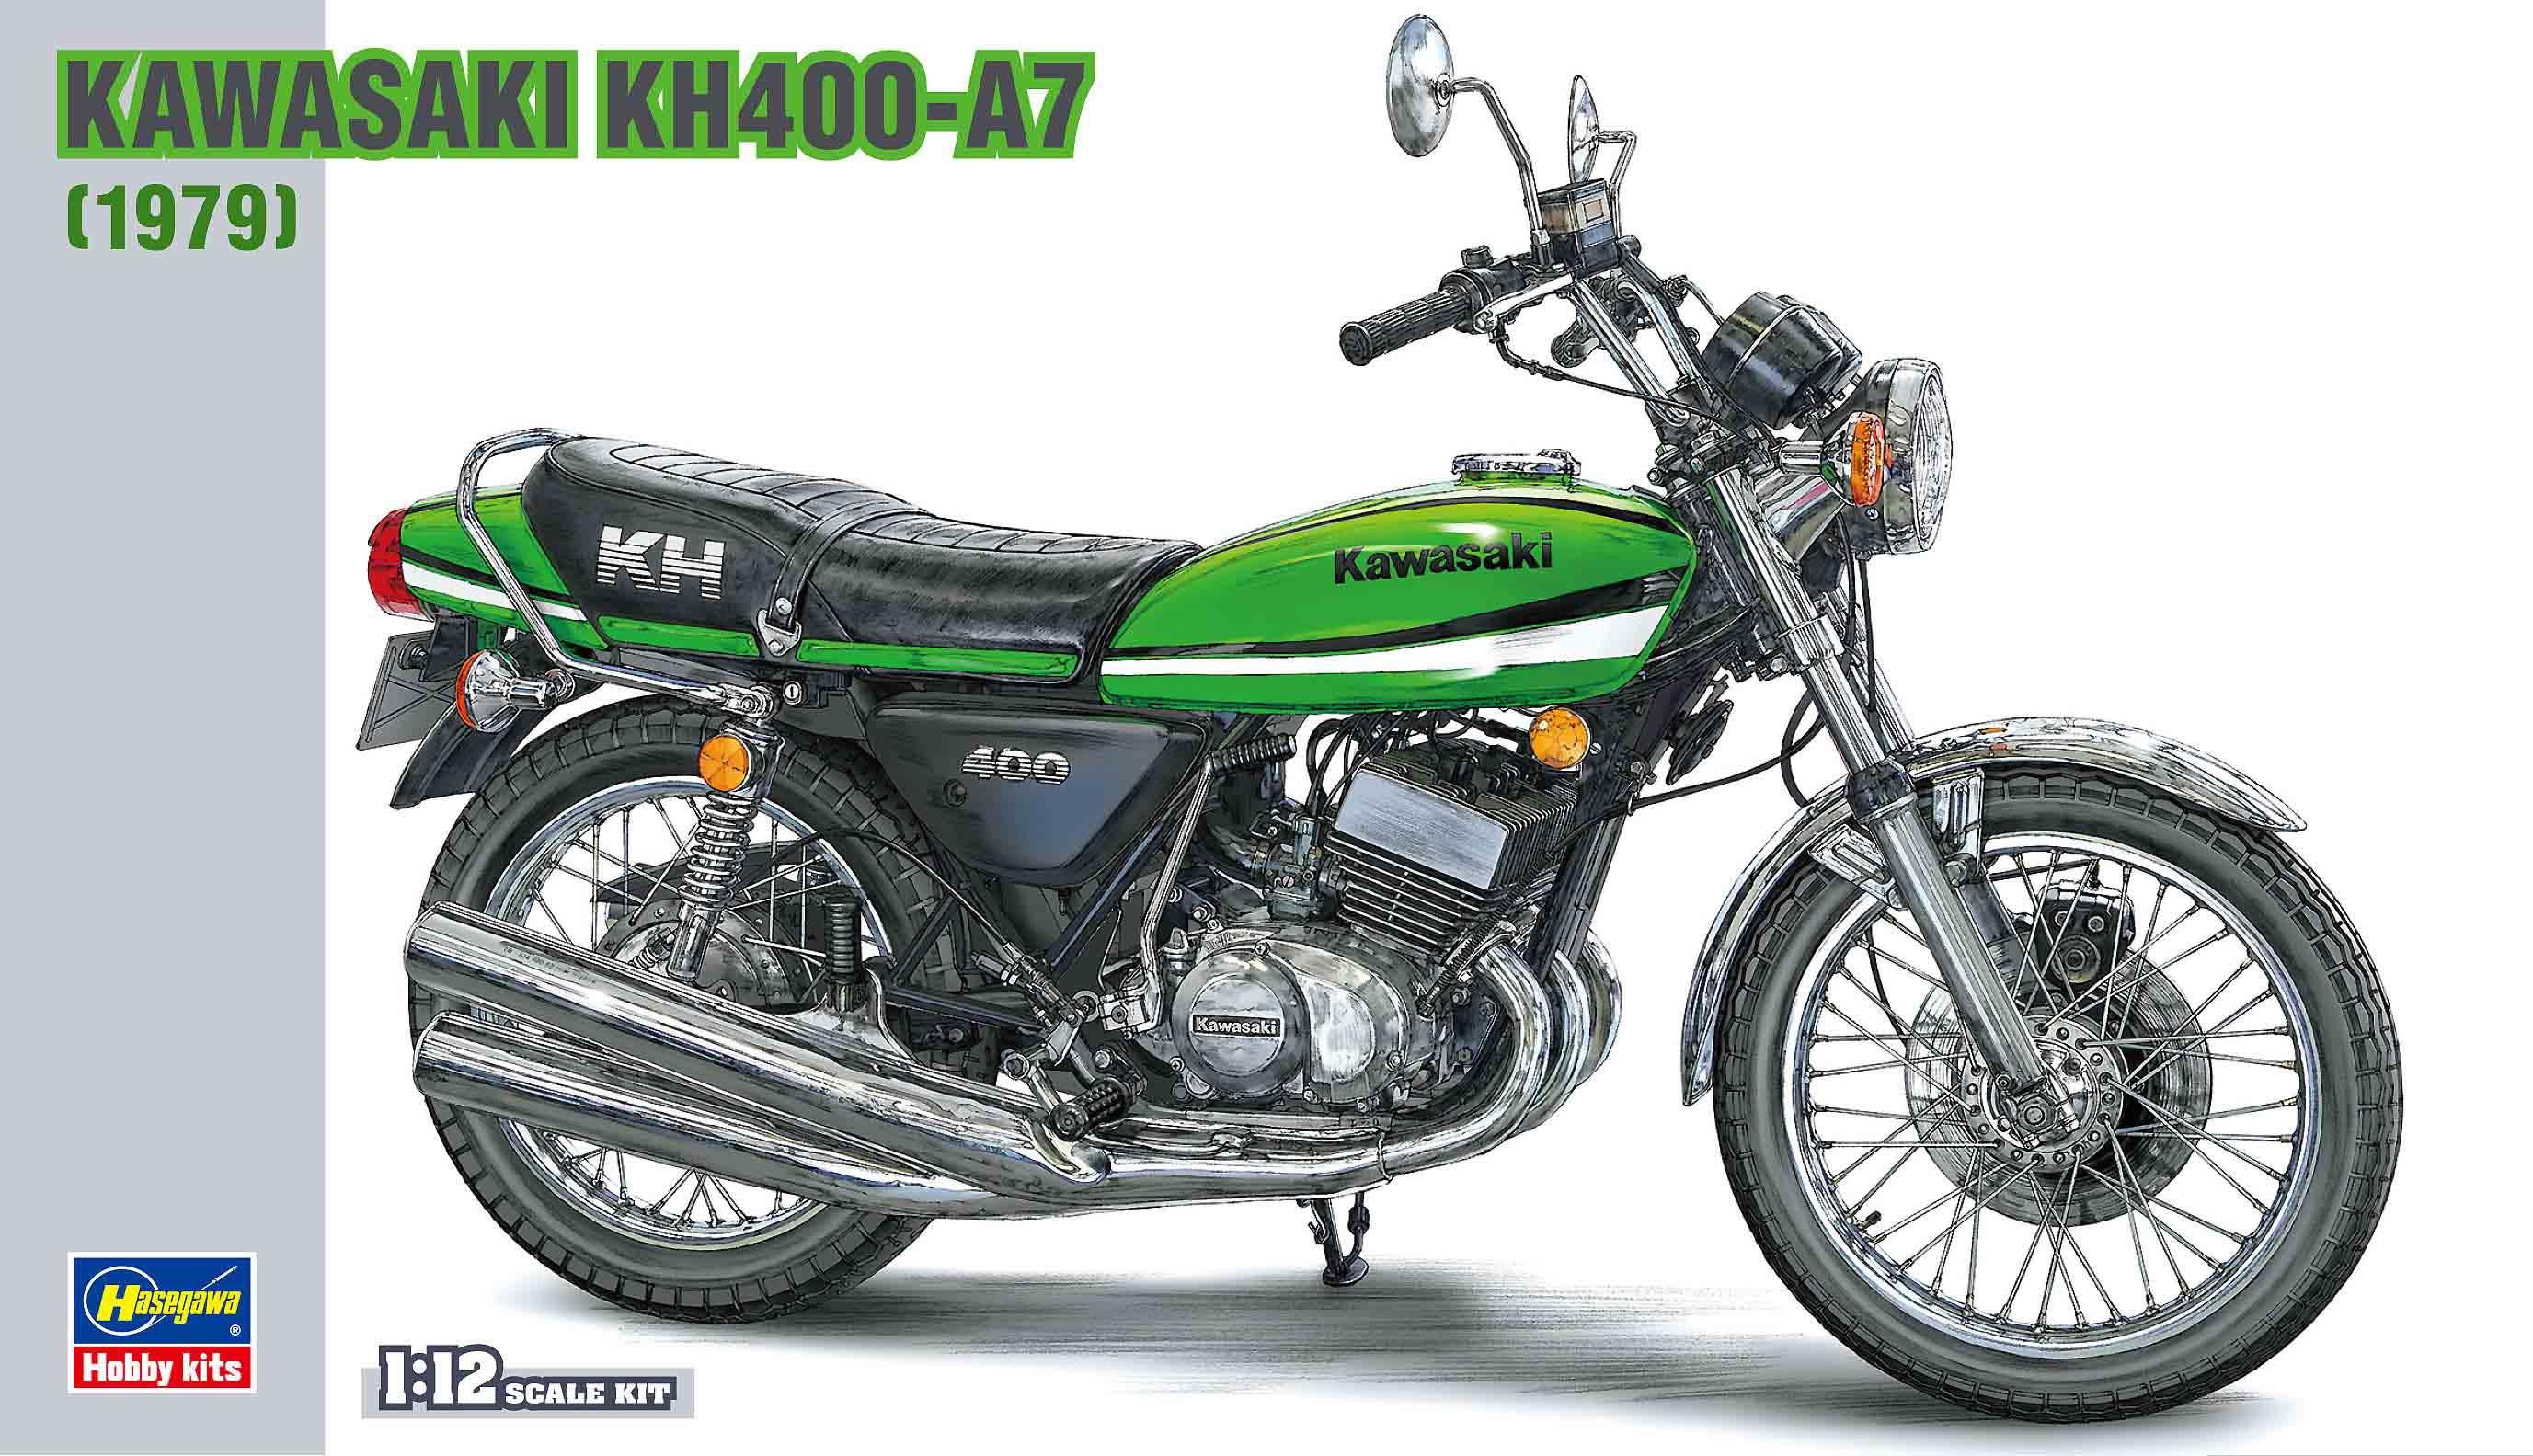 Hasegawa Kawasaki Kh400-A7